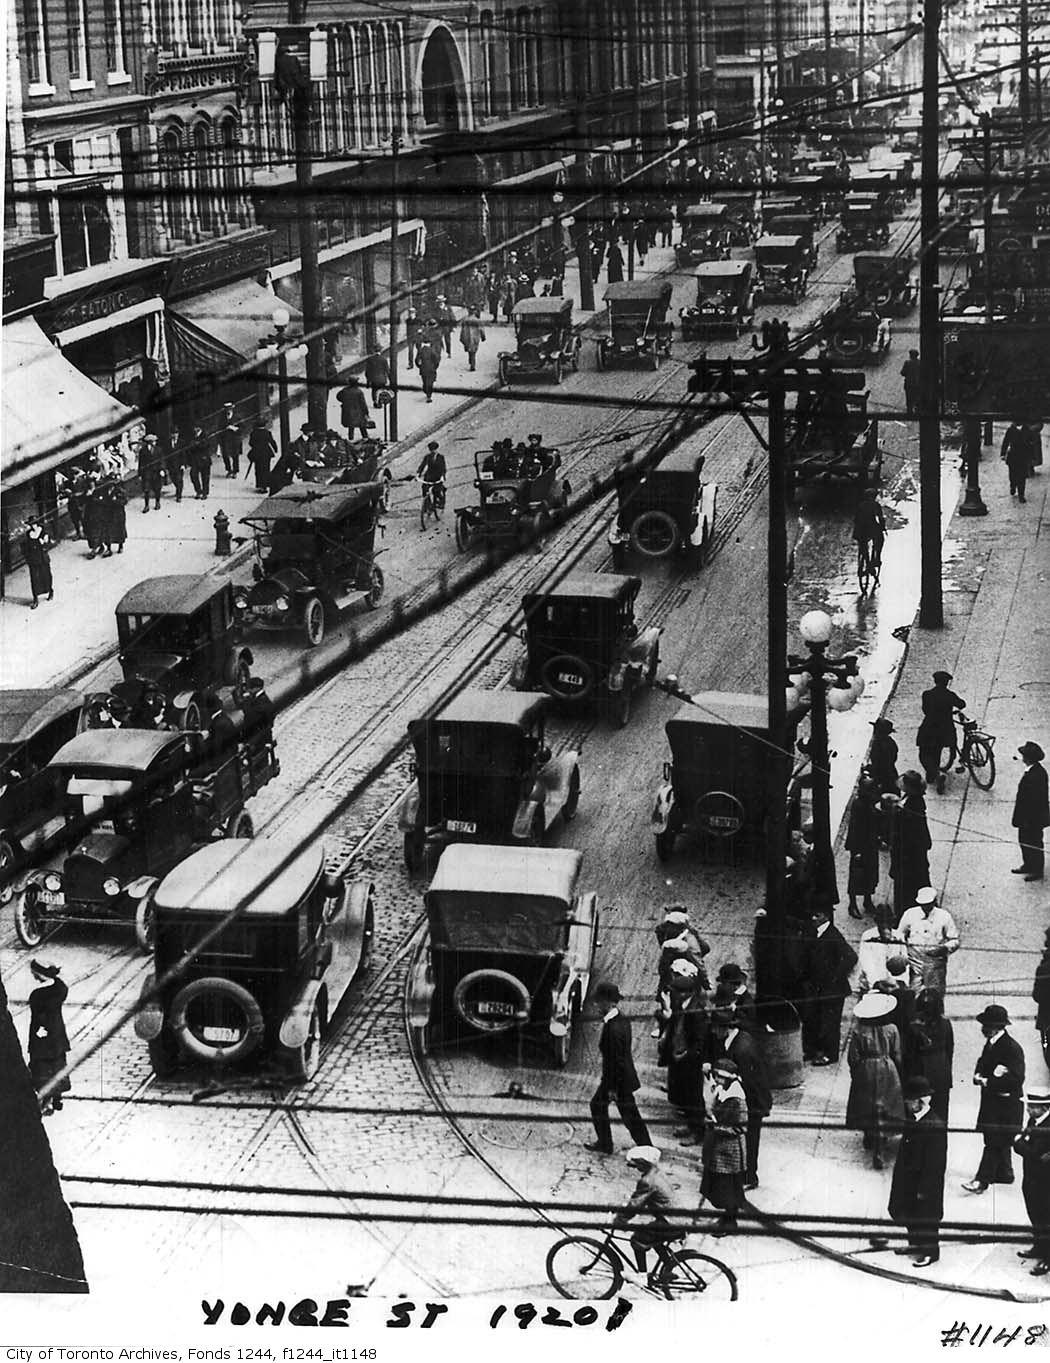 [RECURSOS] Fotos de Chicago (o lugares parecidos) en los años 20 19178d1259925195-chicago-1920s-gangland-map-con-1920streetcatstrikeyongenu1